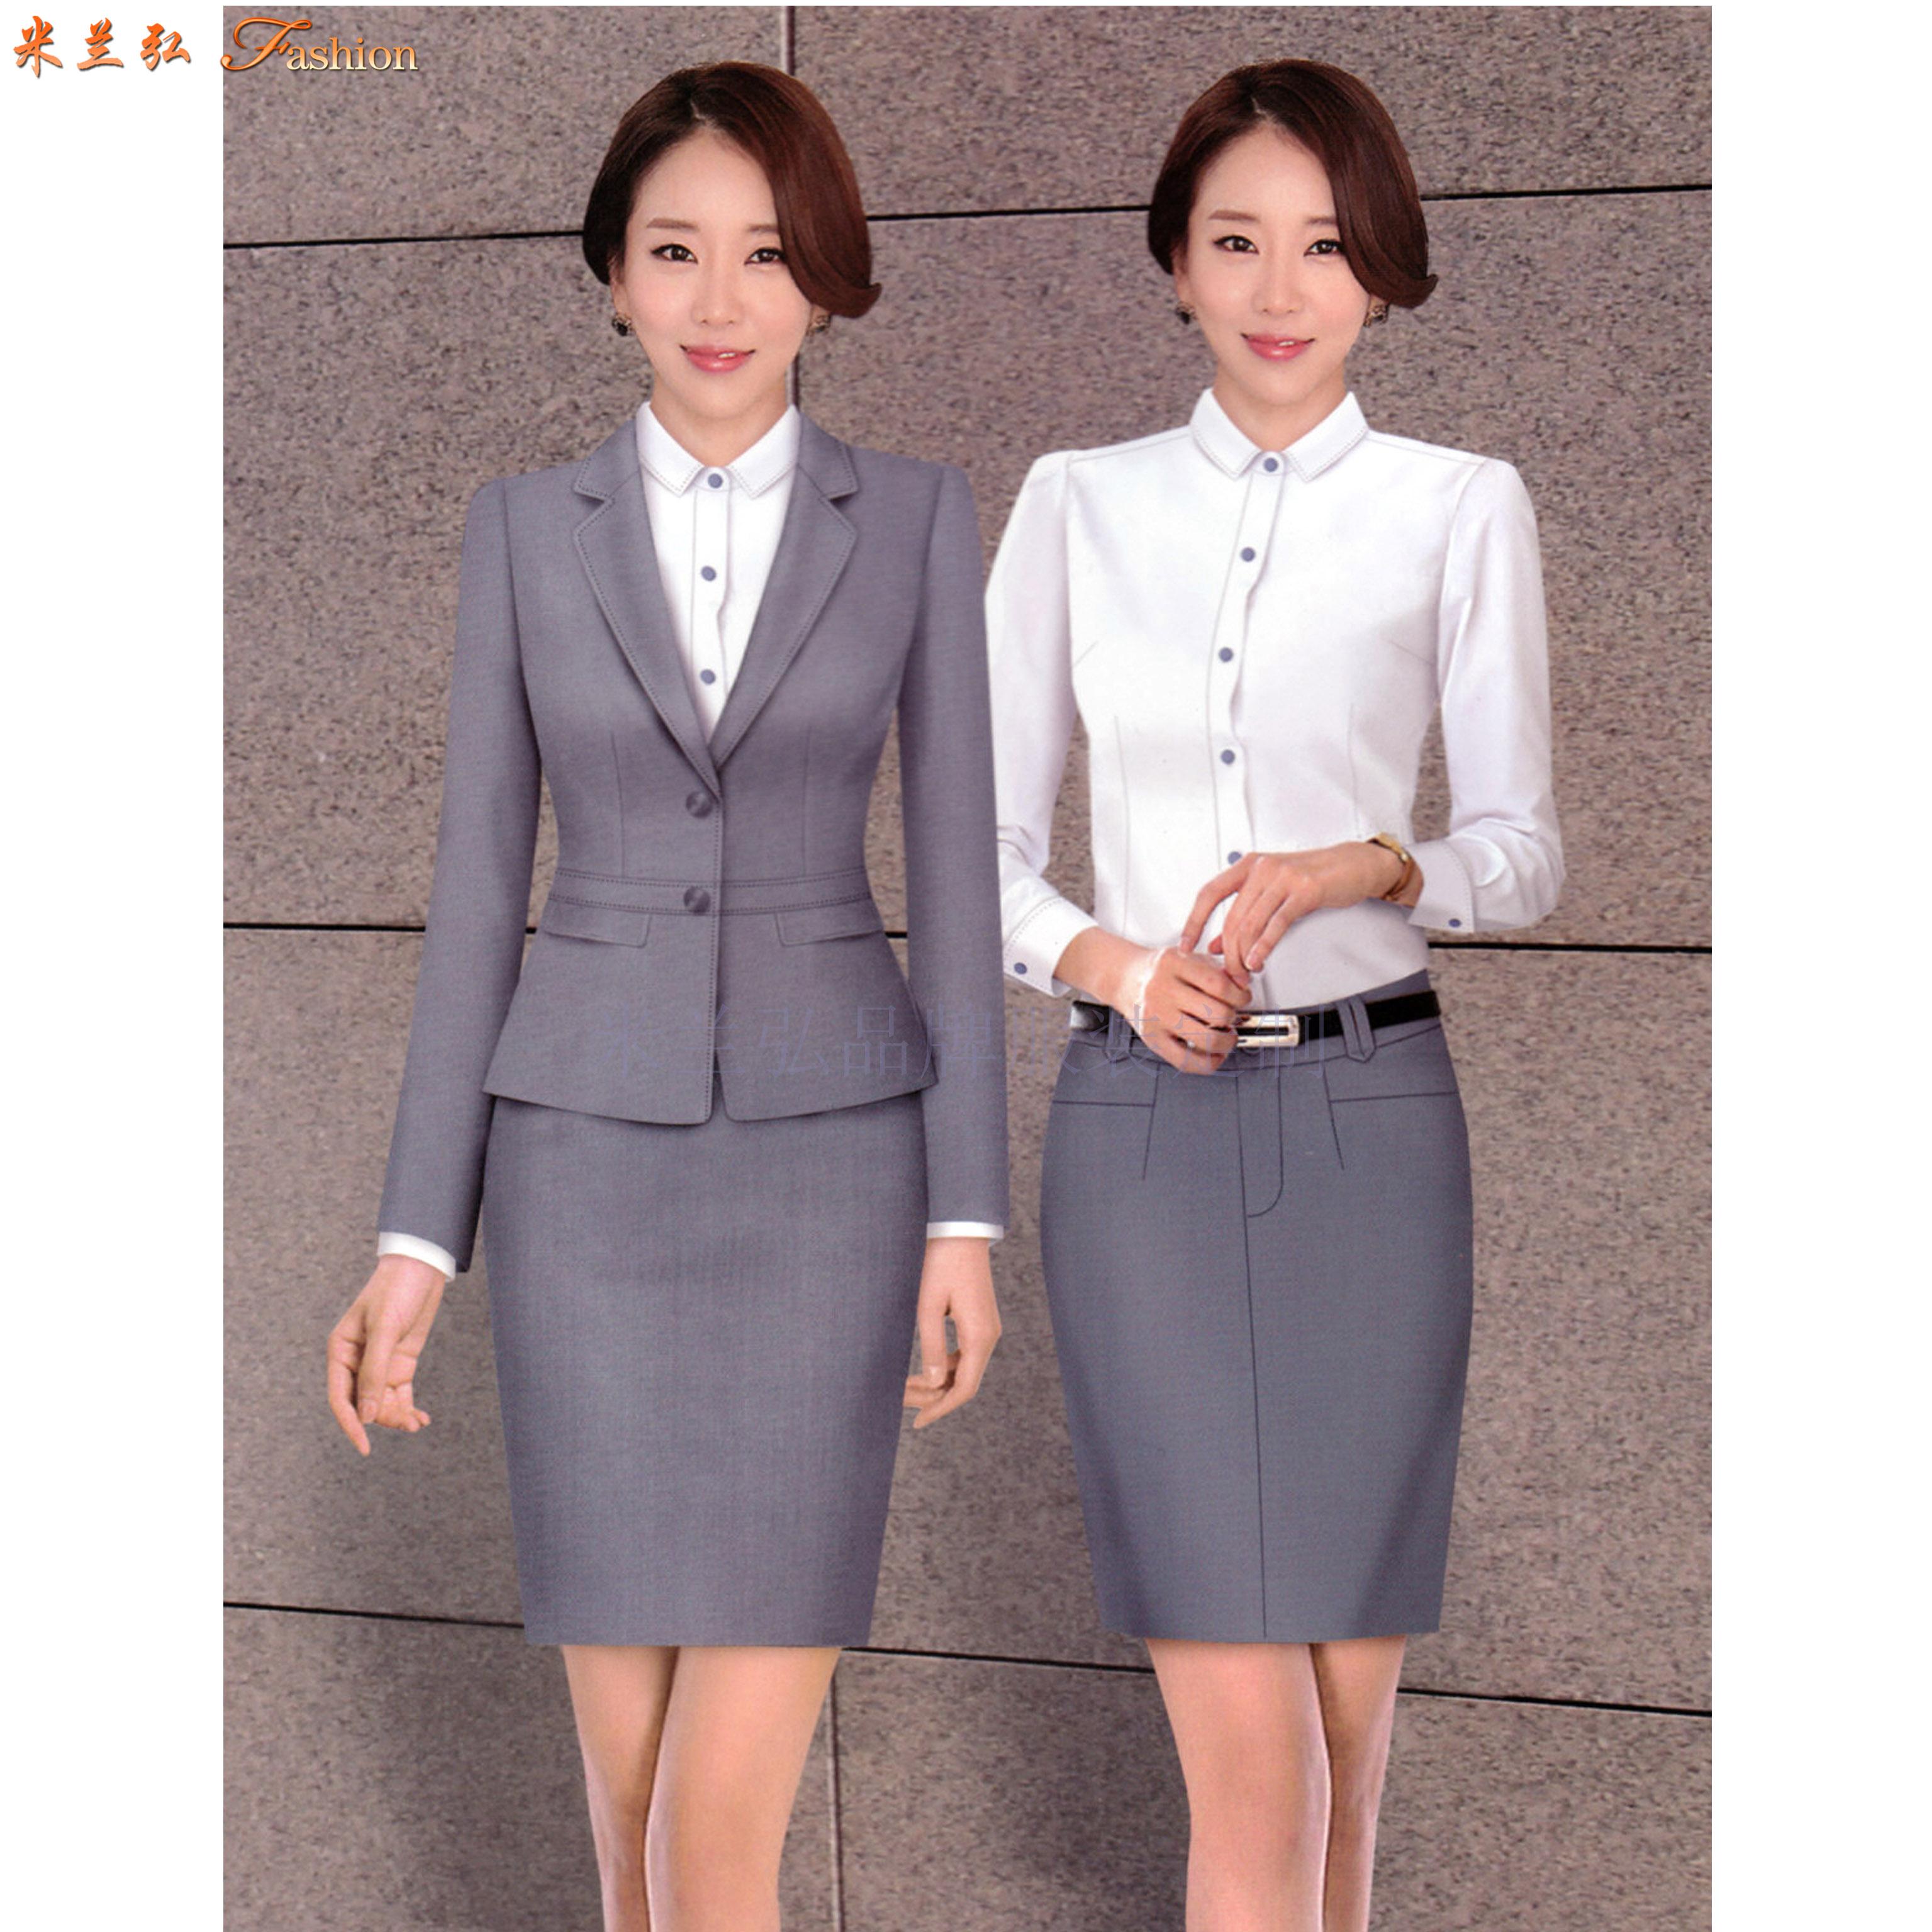 「北京西裝定制」「北京西裝訂制」-米蘭弘品牌西裝👍-4